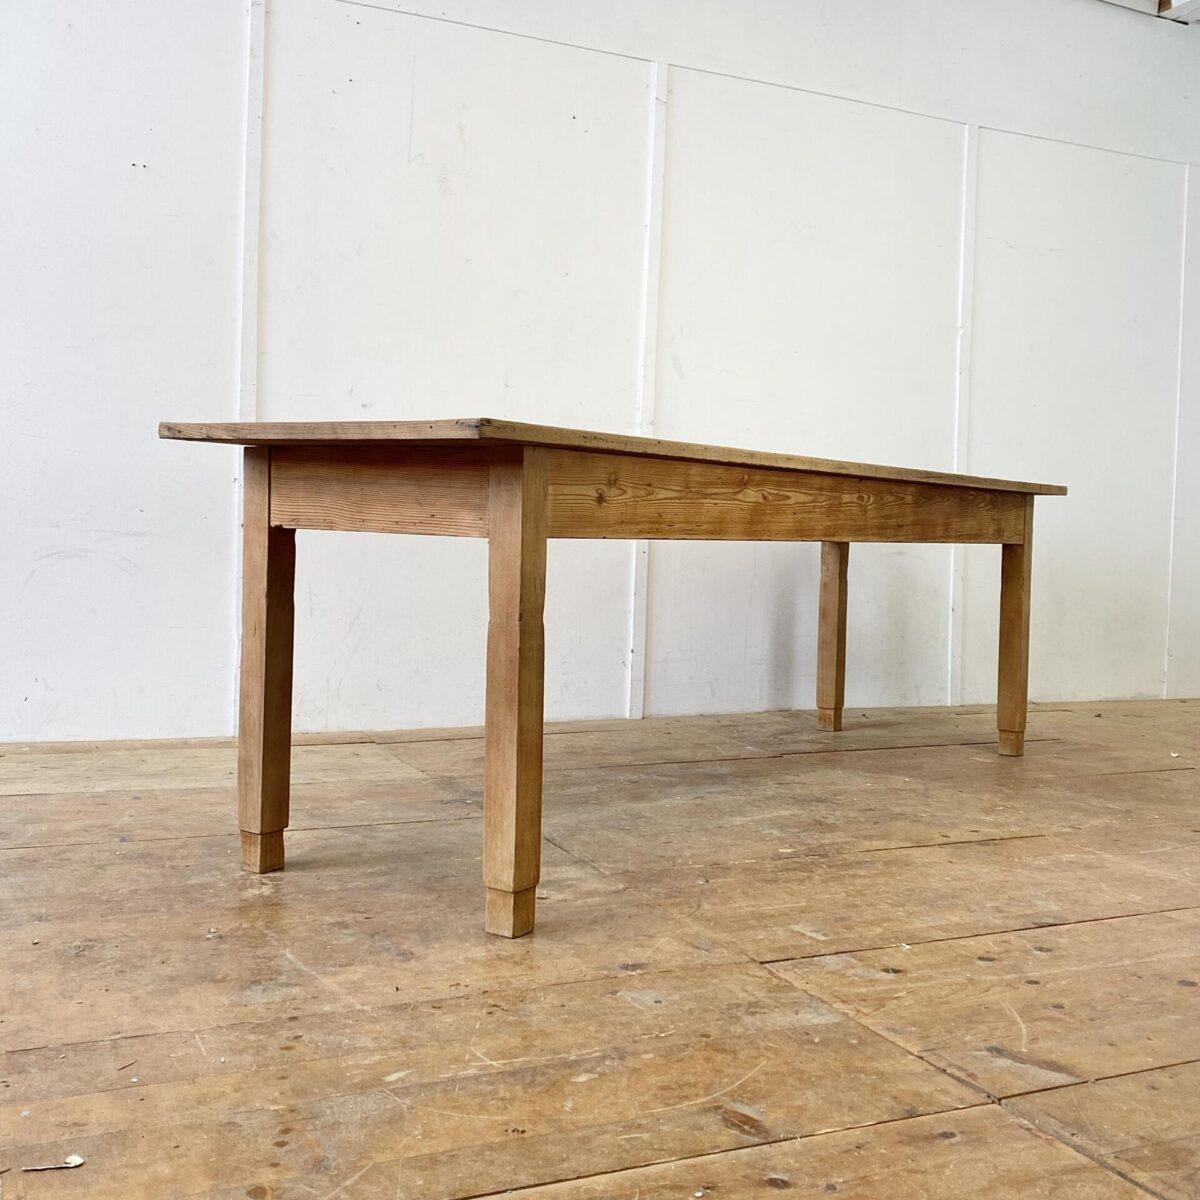 Deuxieme.shop Langer Esstisch aus Tannenholz. 260x71cm Höhe 76cm Beinfreiheit 59.5cm. Stämmige Beine und die verlebte Tischplatte geben dem Tisch eine Werkstatt mässige Ausstrahlung. Trotzdem hat er, durch die Länge, eine gewisse Eleganz. Das Tischblatt mit diversen Rissen und Wurmlöchern, hat eine feine Holzumrandung. Alles in stabilem teilweise frisch verleimten Zustand.